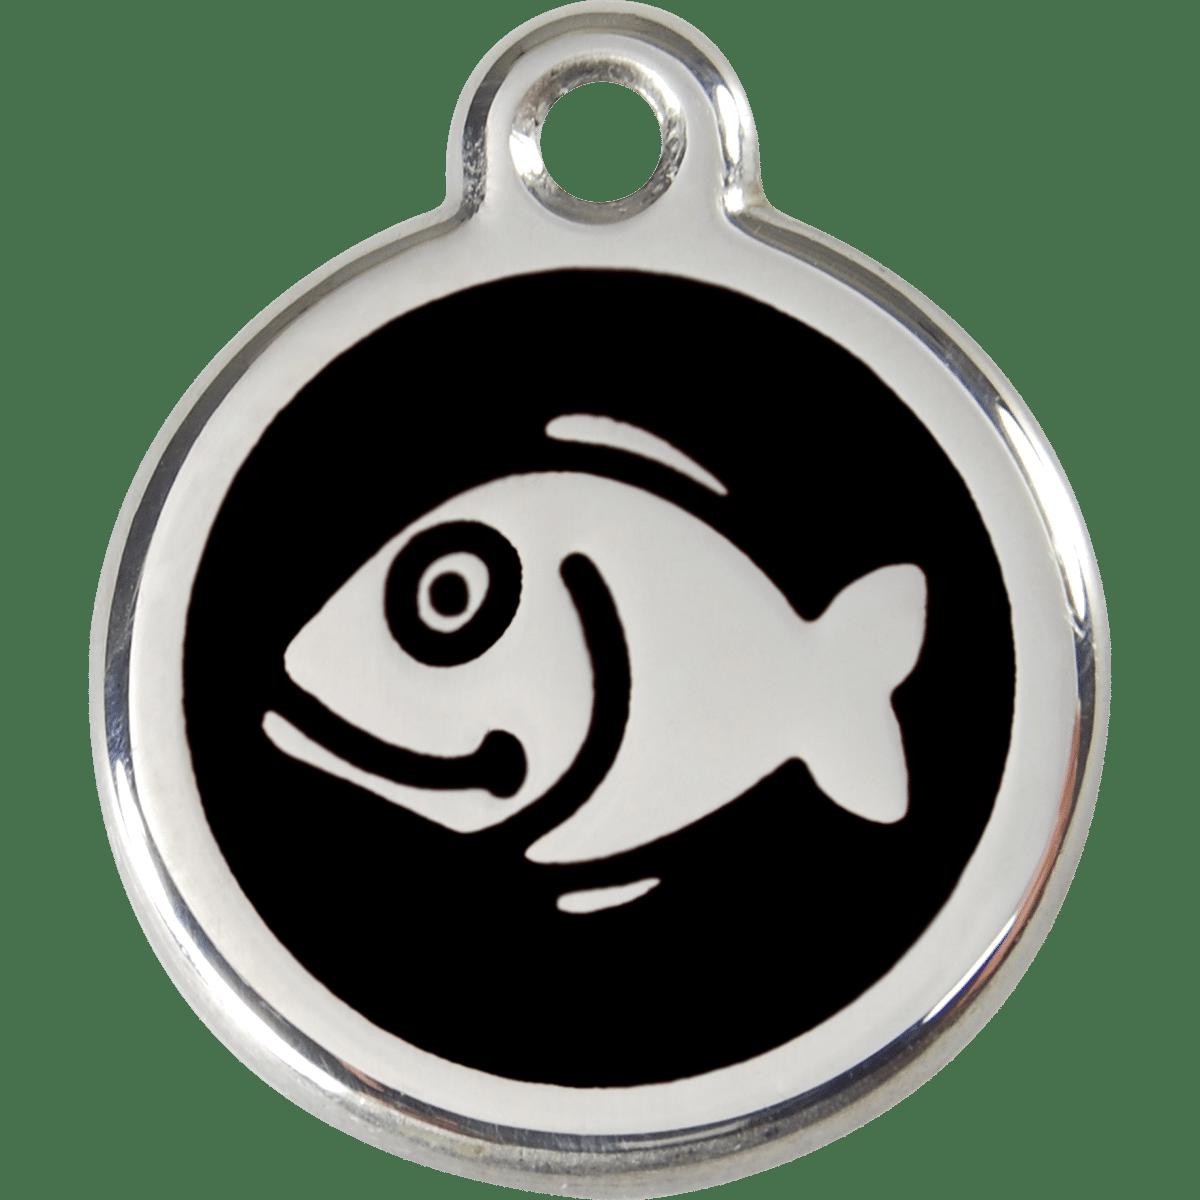 ID-bricka till katten med en fisk som motiv